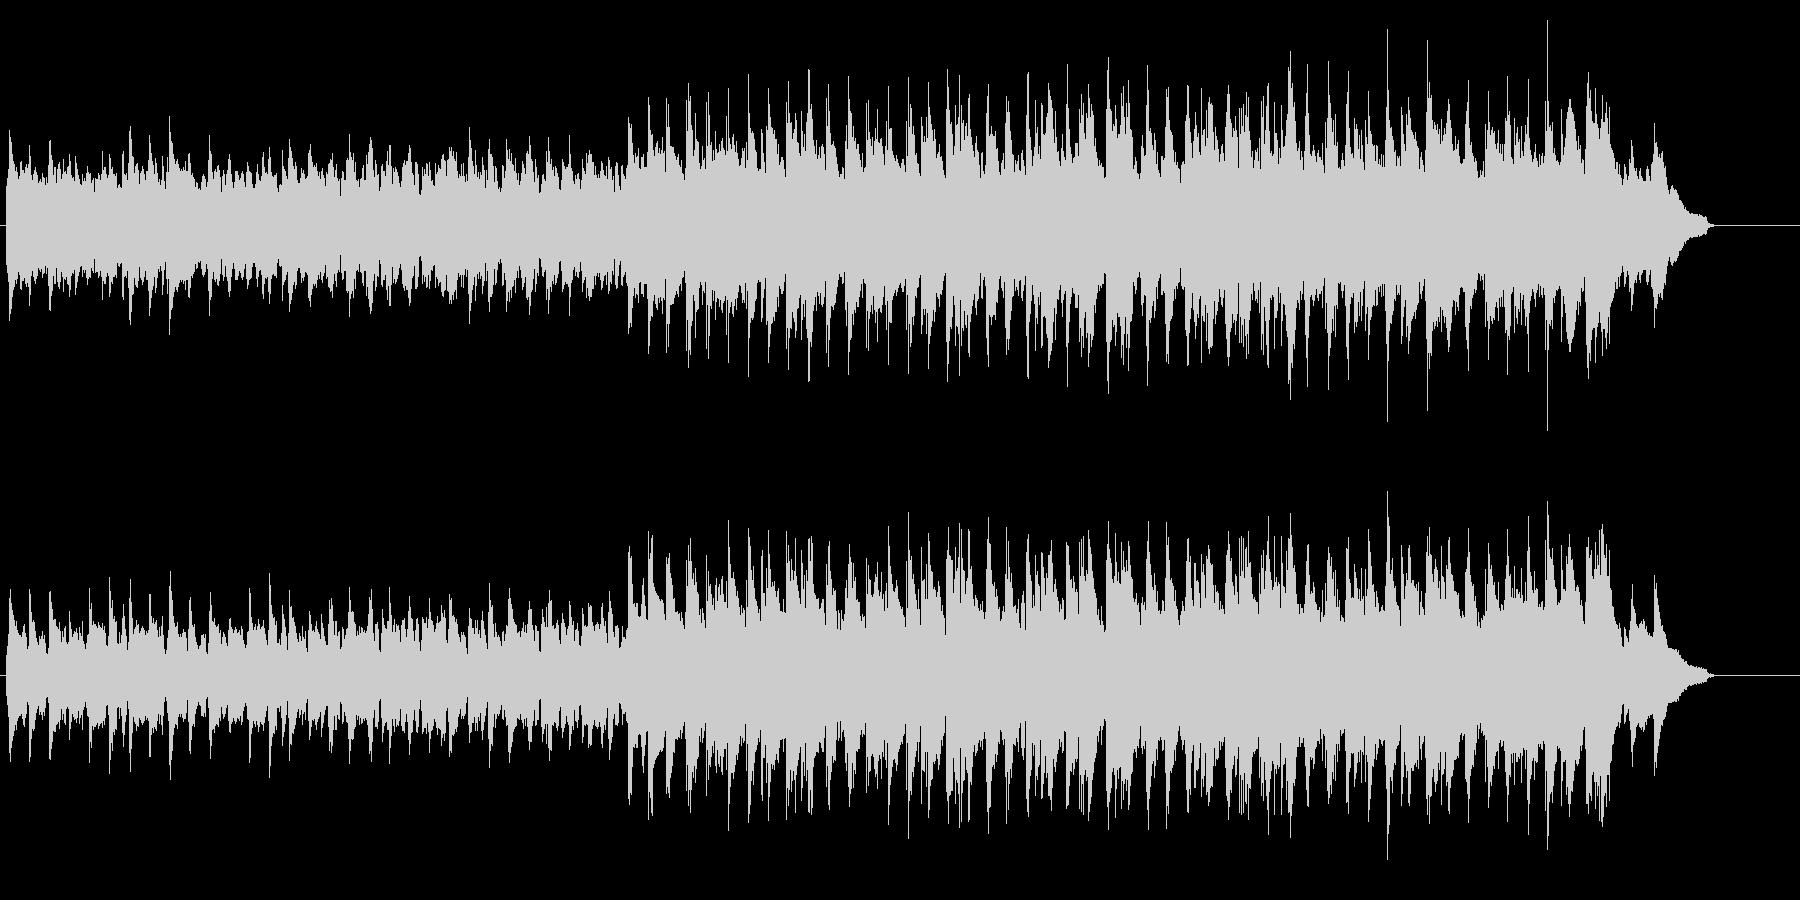 シンプルでのどかな印象のマイナーポップスの未再生の波形